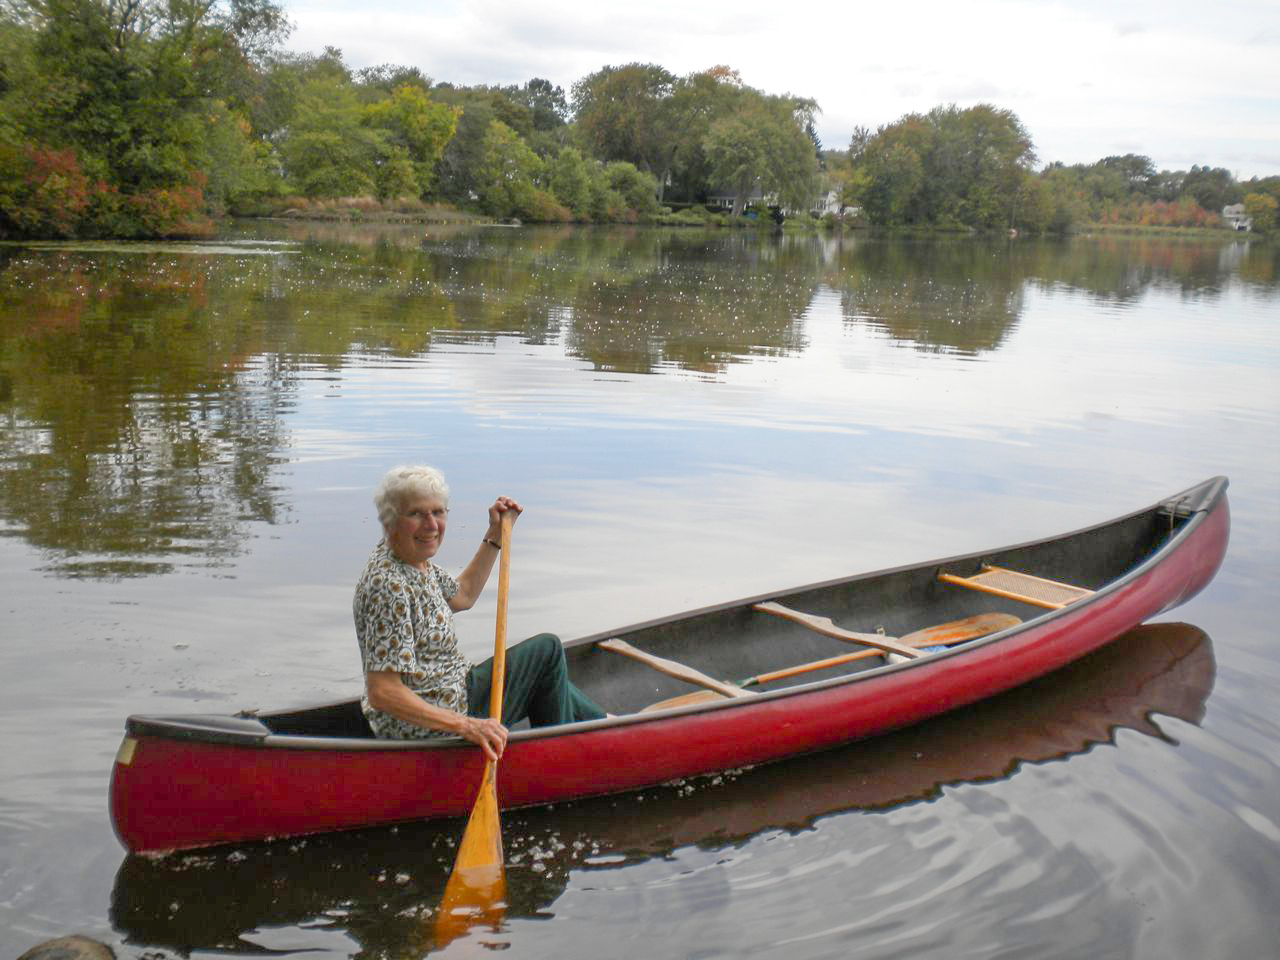 Inge Uhlir in her canoe